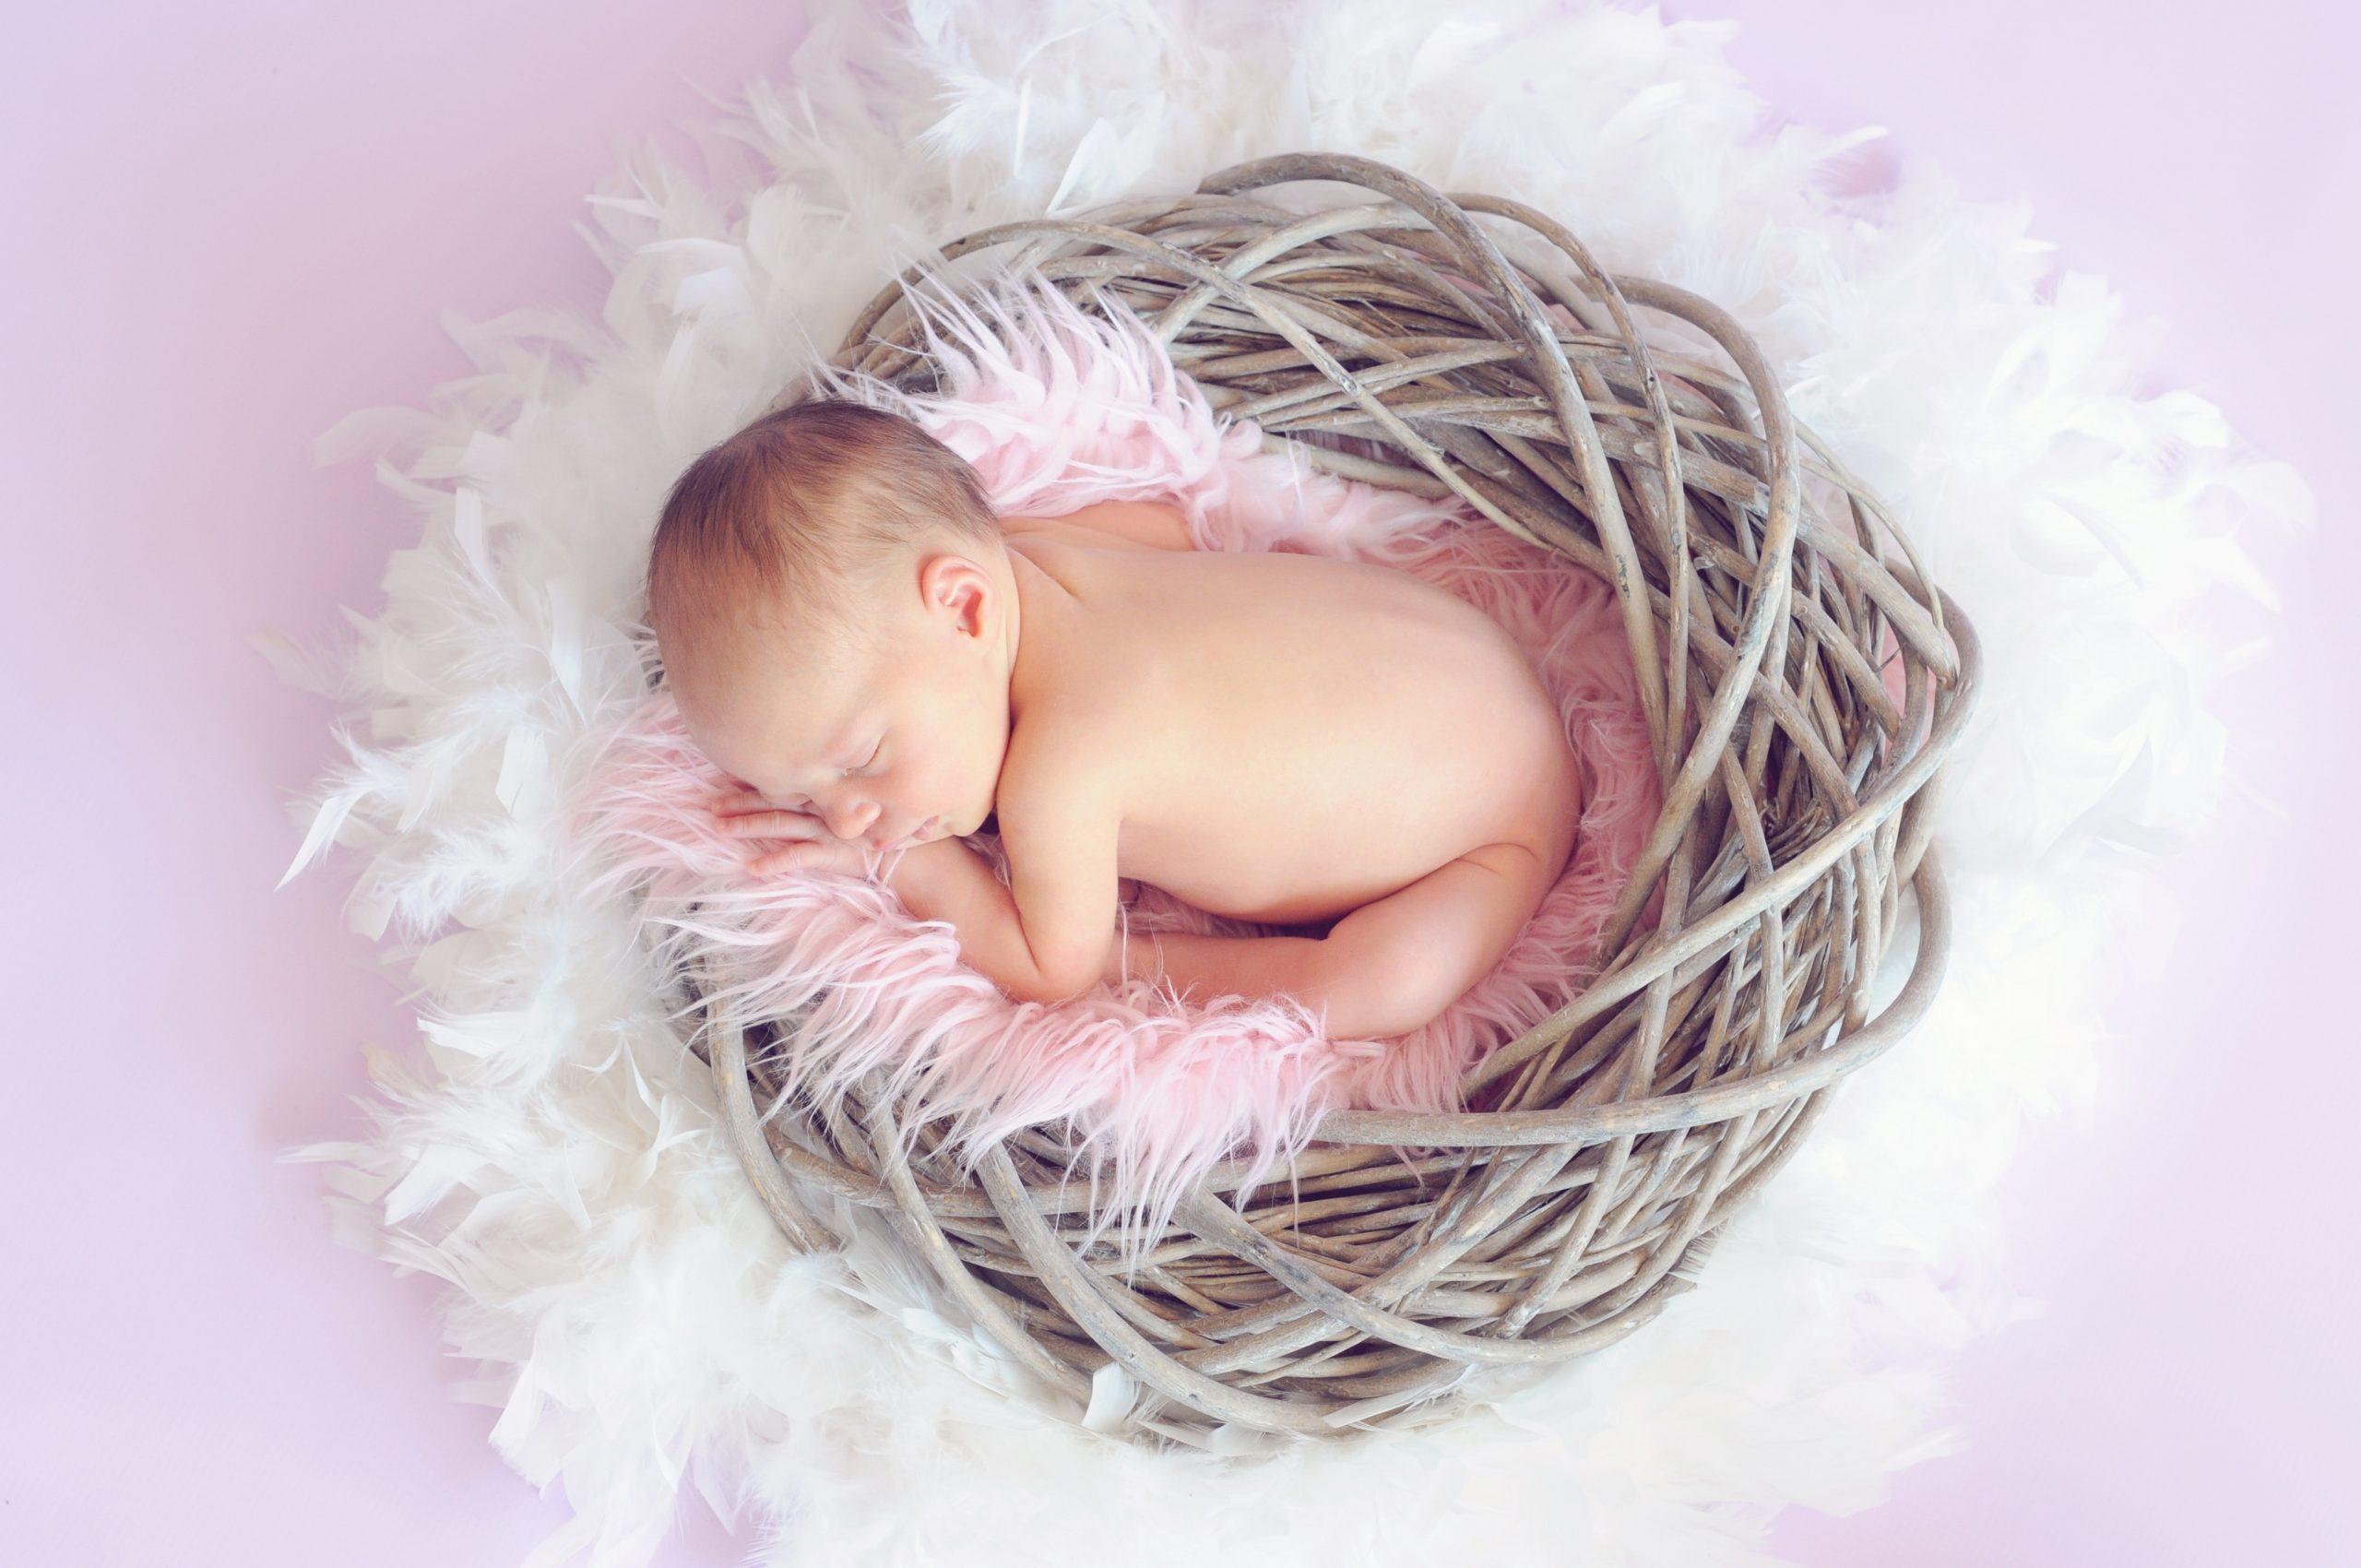 Imagem de um bebê numa cestinha.